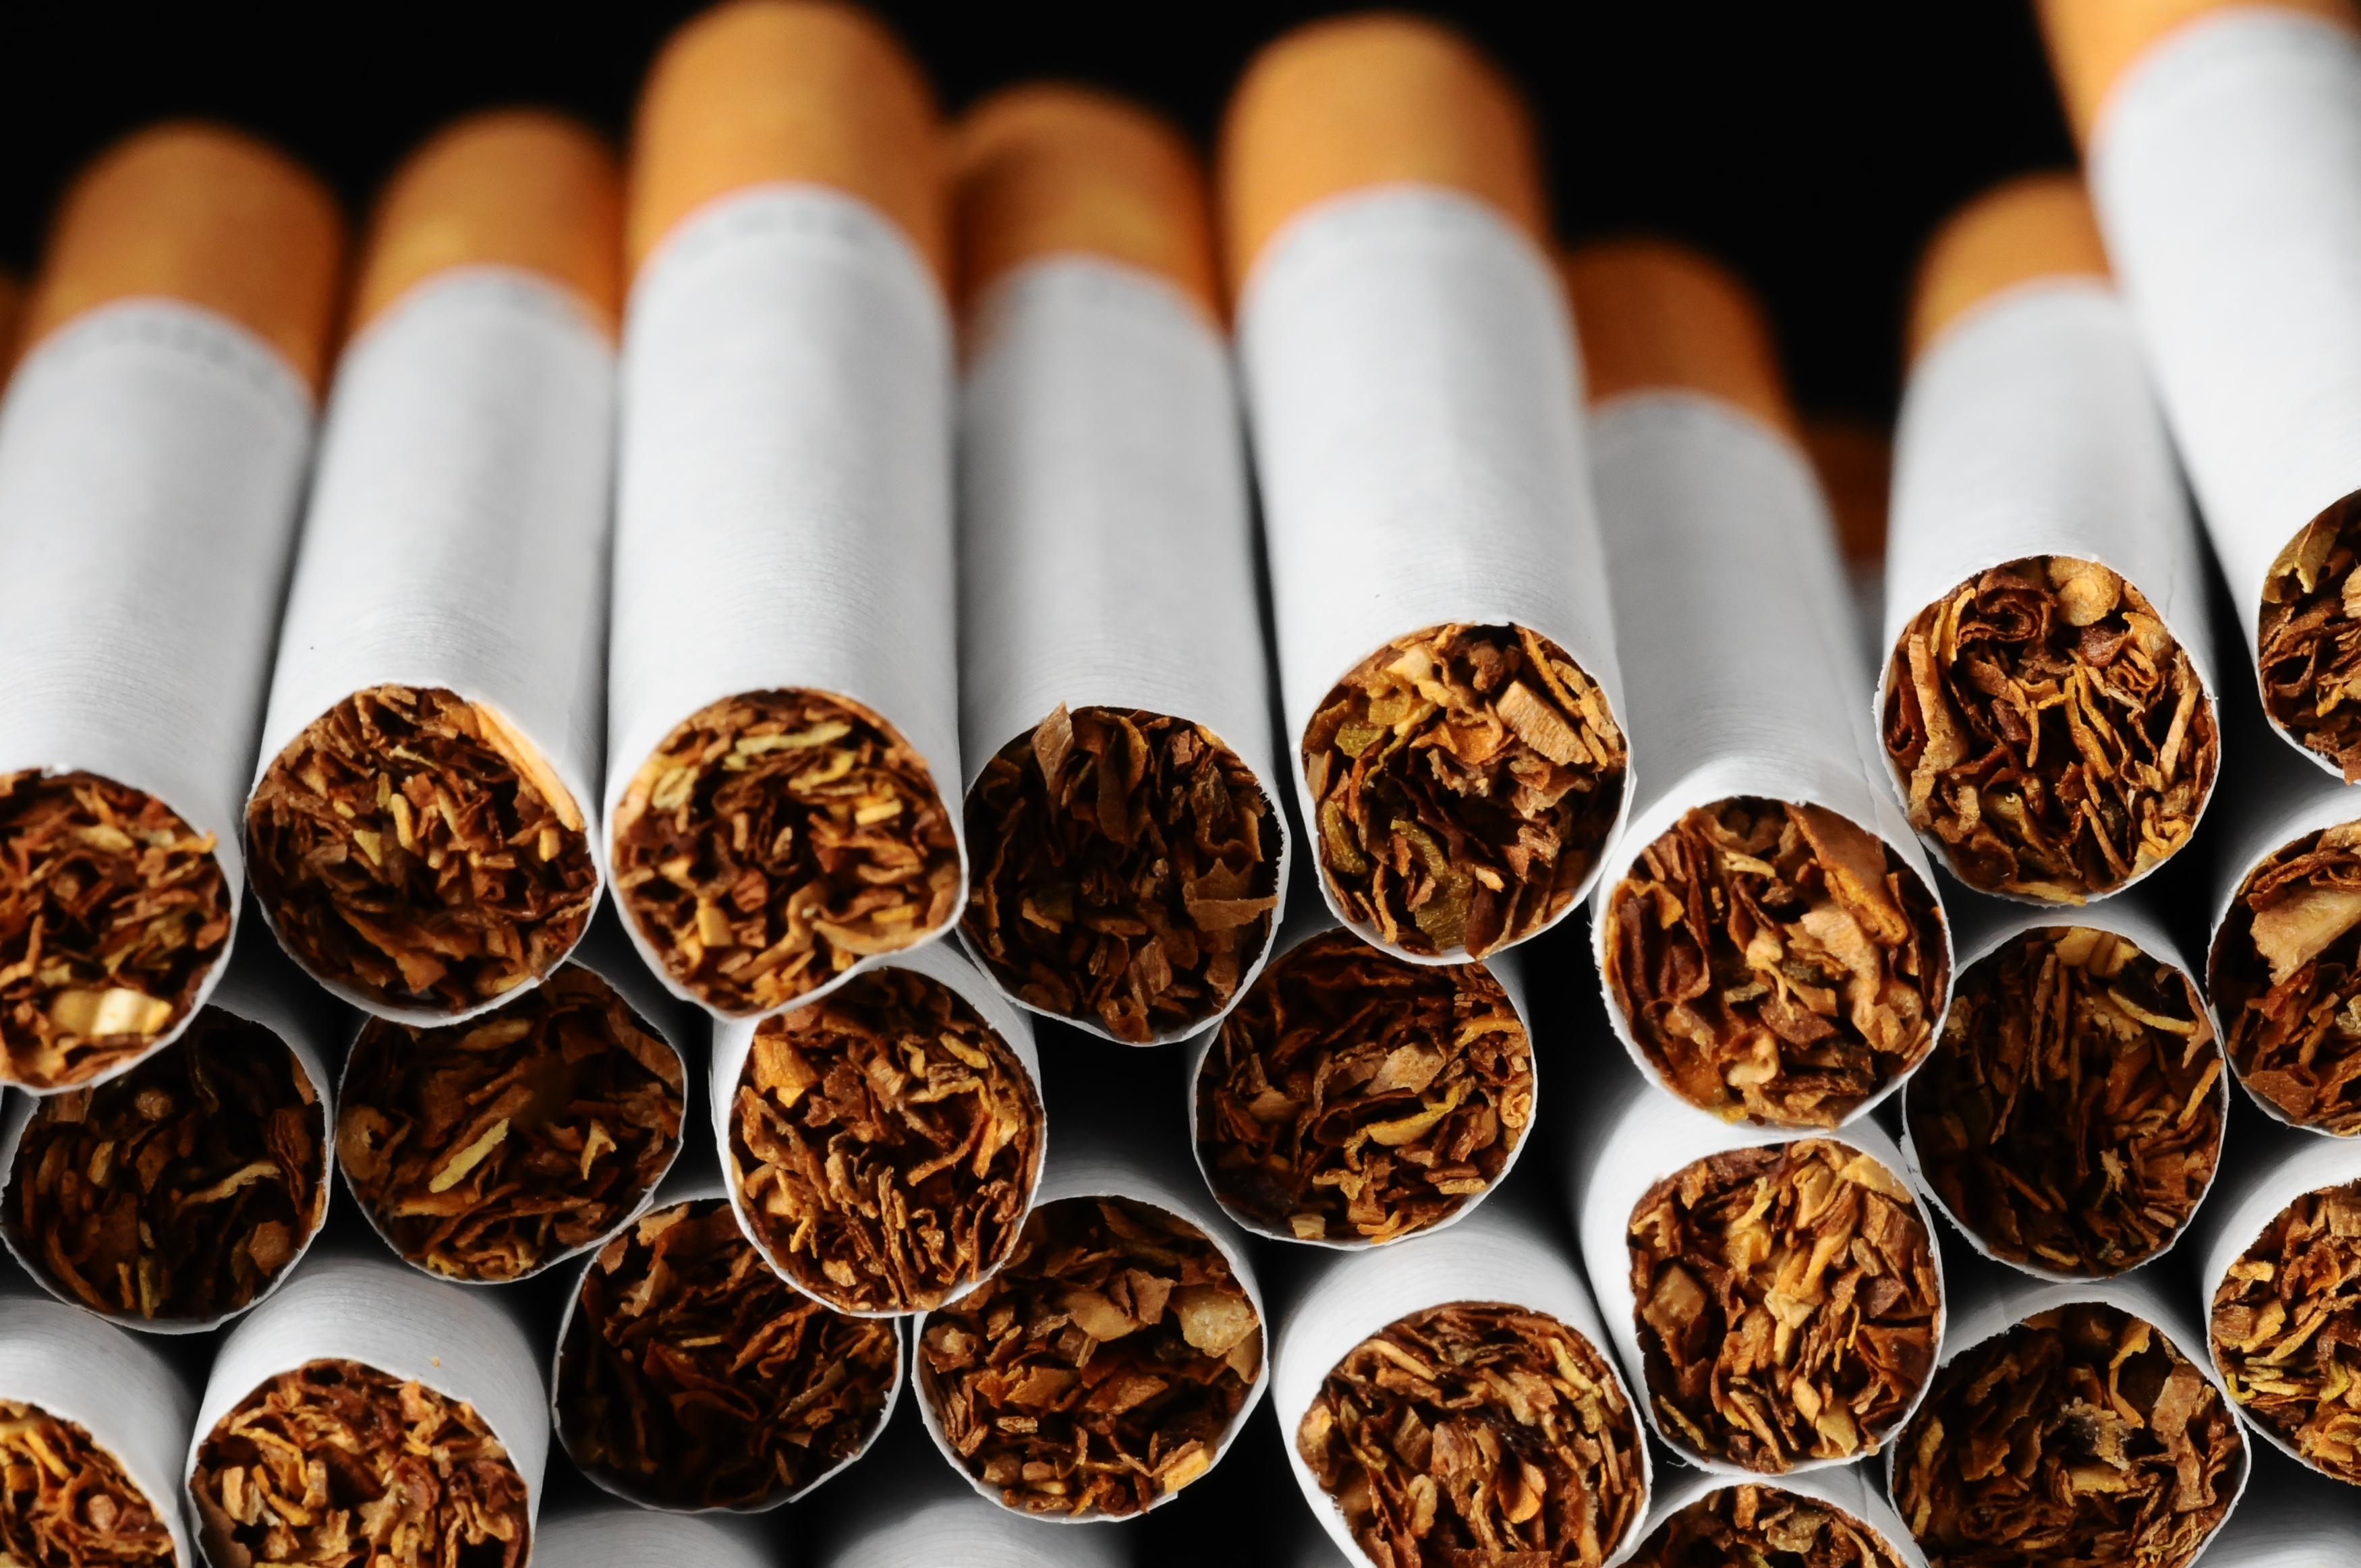 Табачные изделия петро образец продажа табачных изделий несовершеннолетним